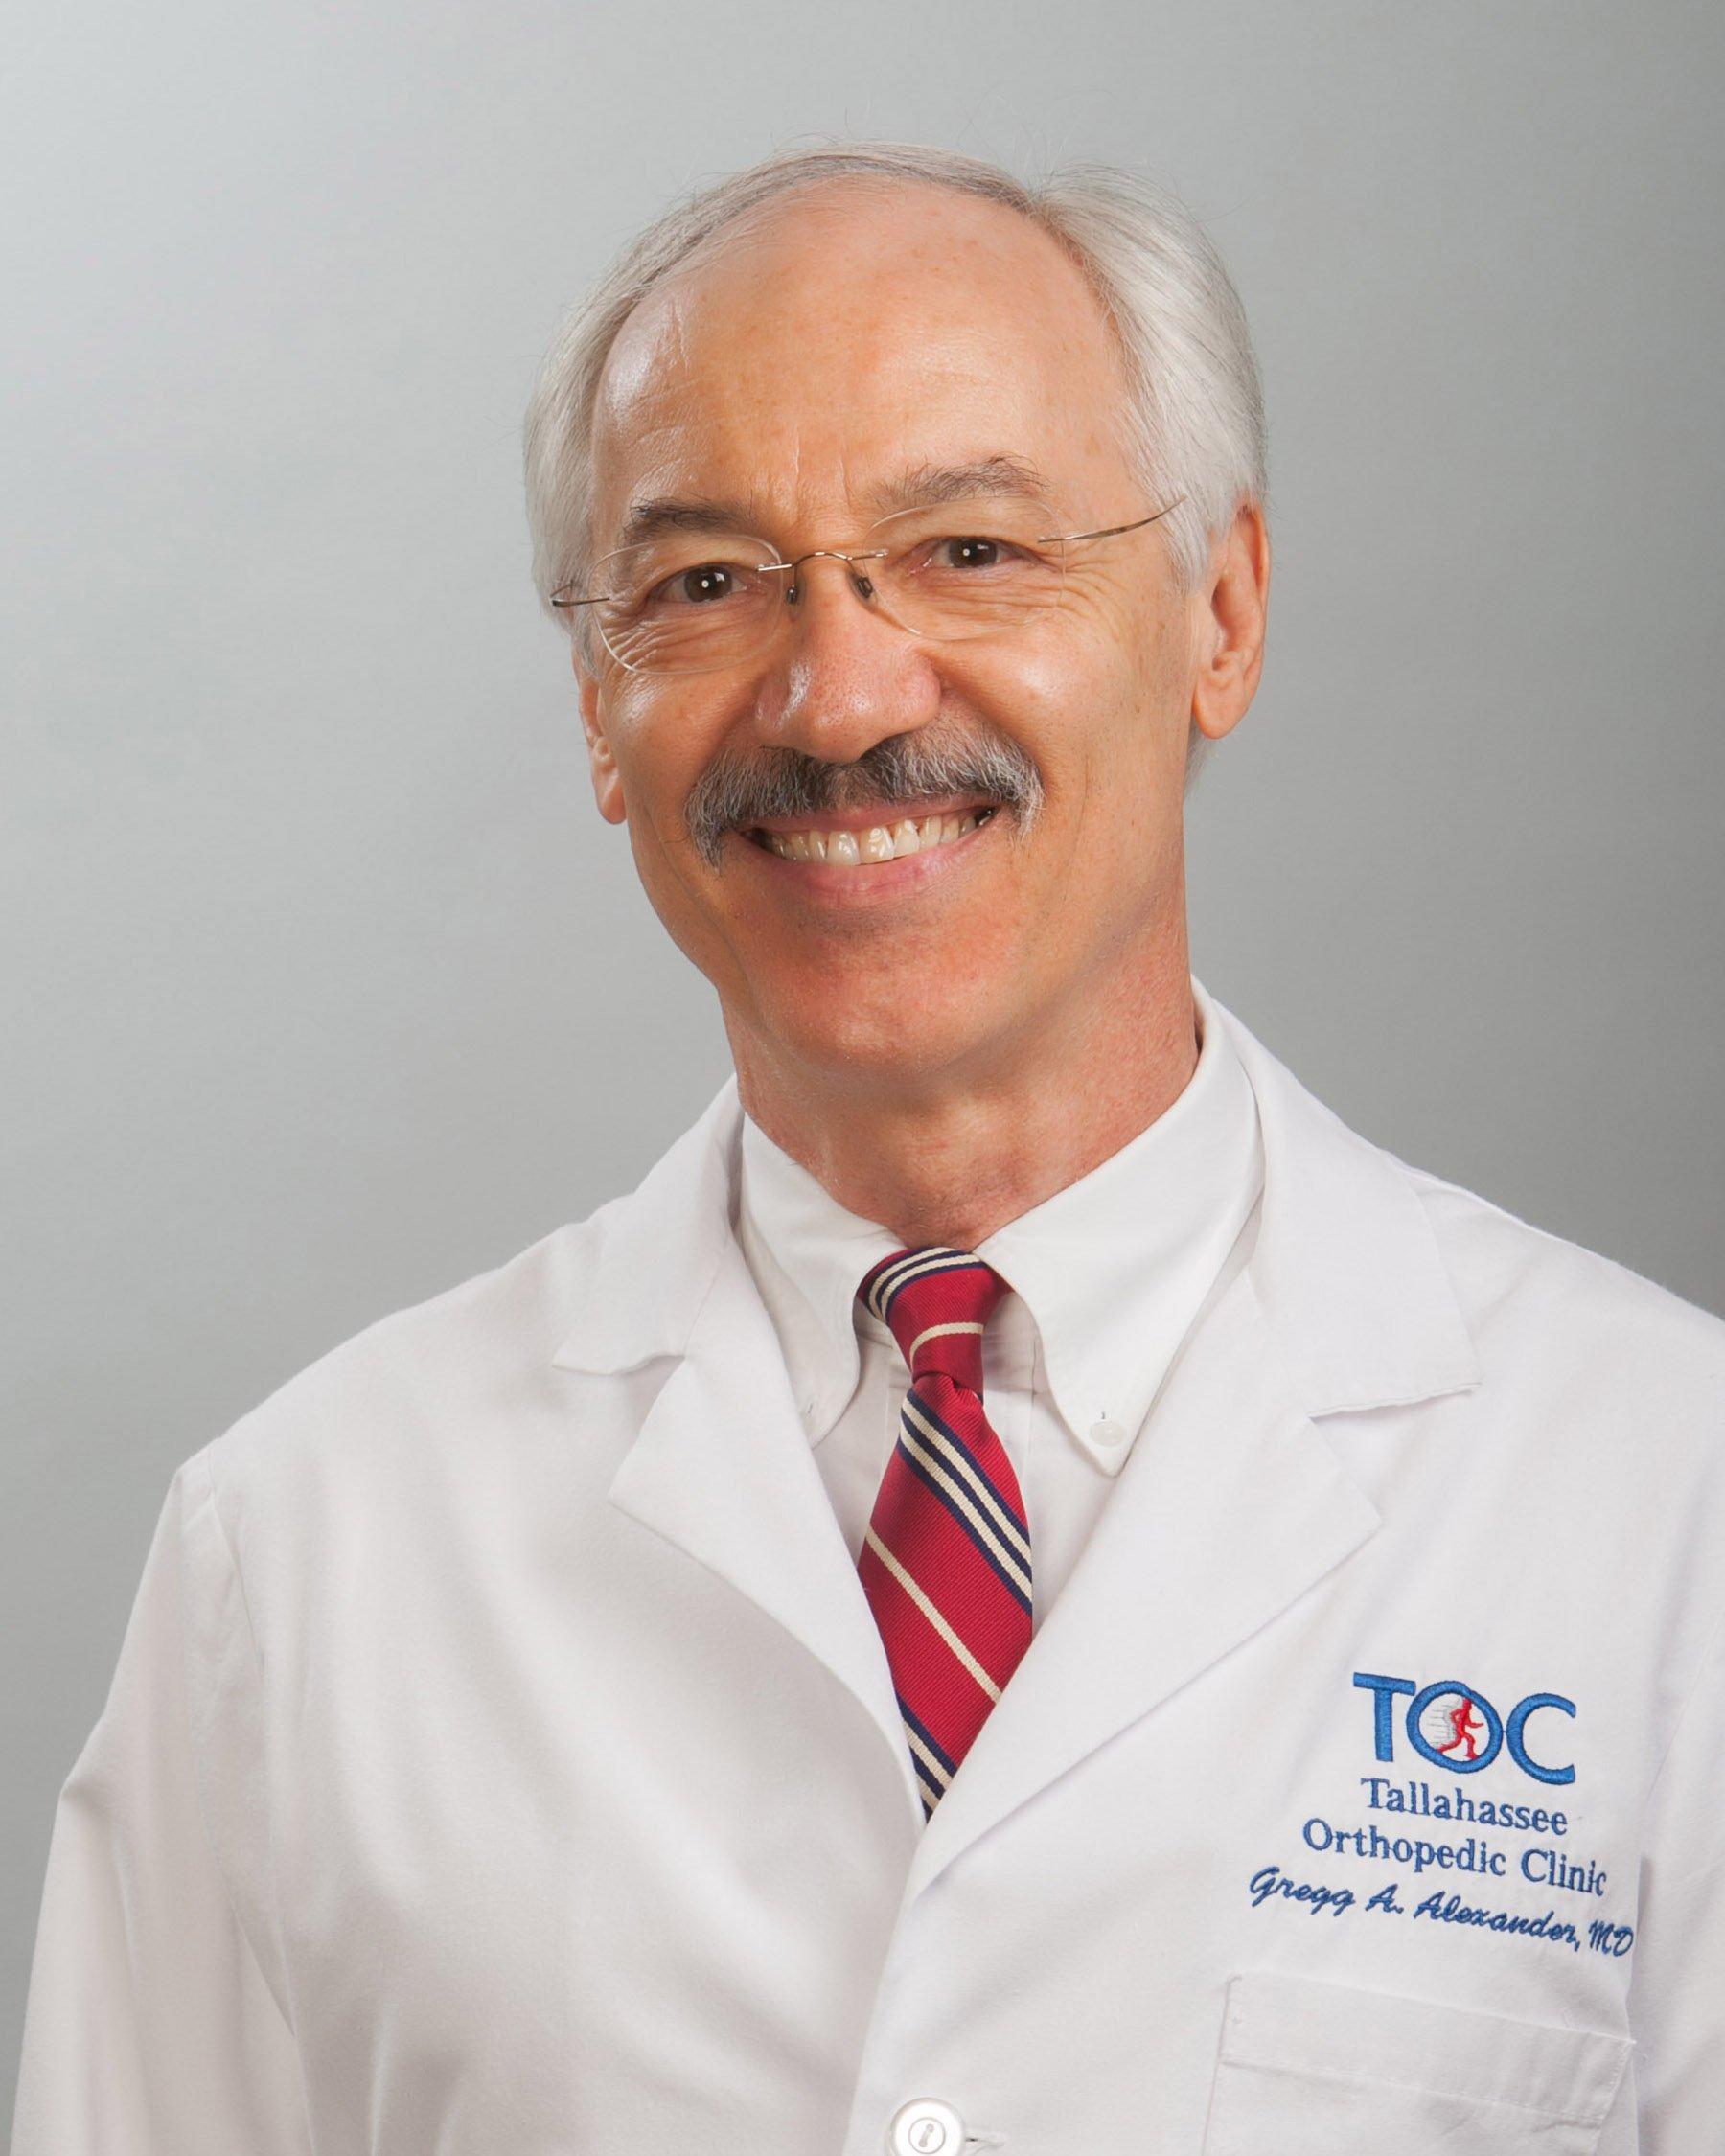 Gregg A. Alexander, M.D.